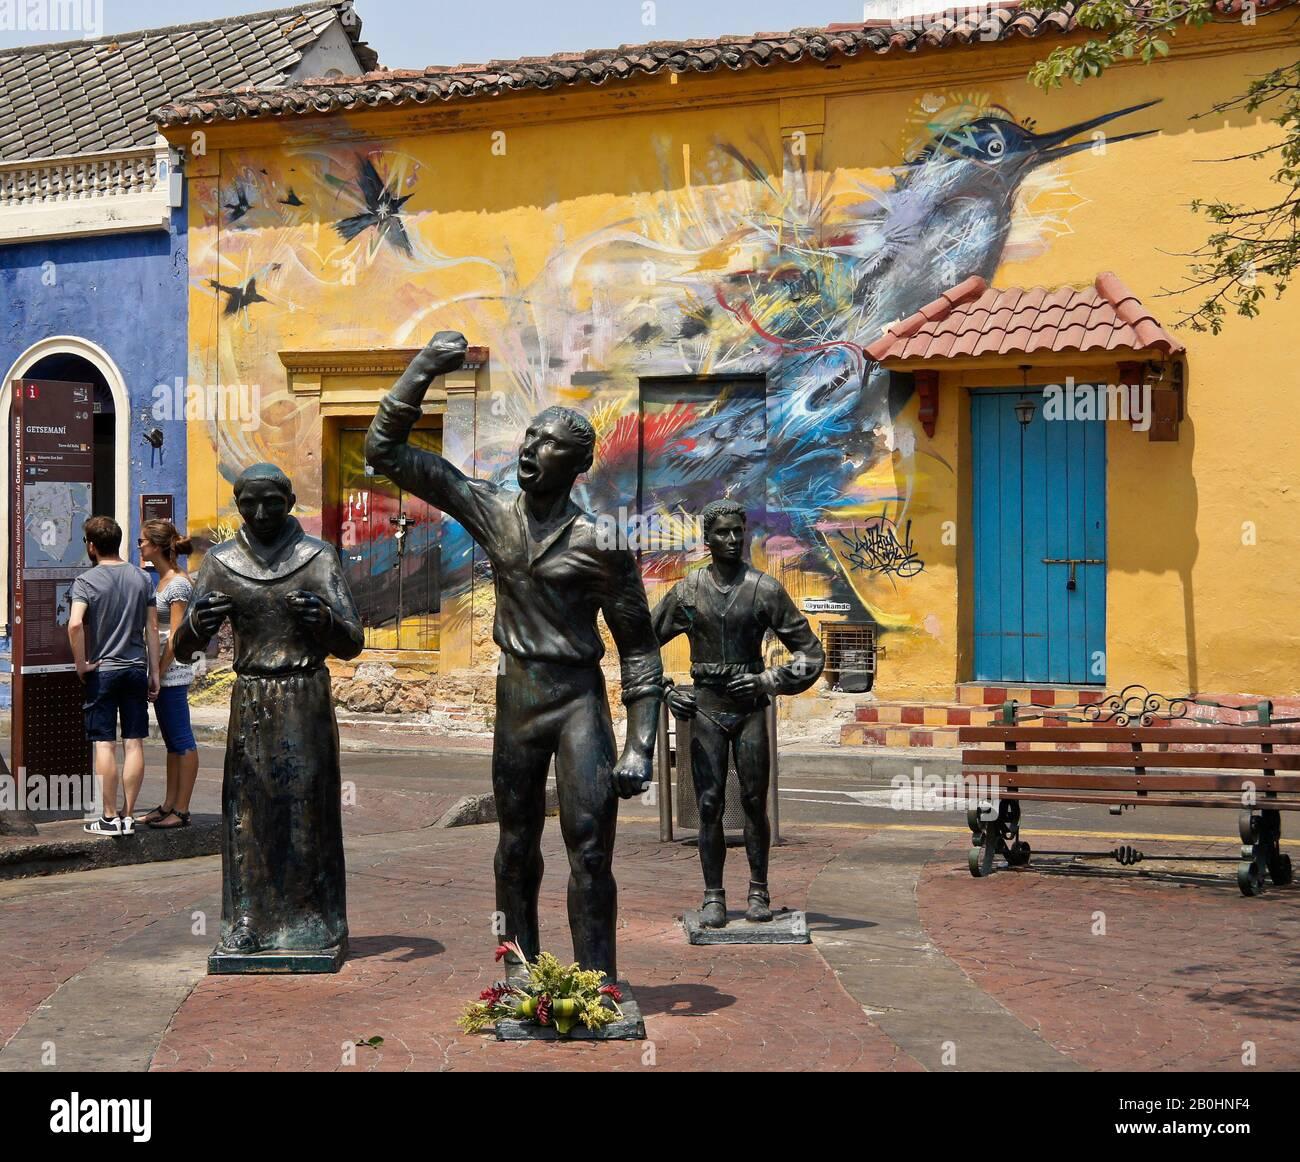 Esculturas de héroes de la independencia en la Plaza Trinidad frente al arte de la calle decorando un edificio colonial en Getsemani, Cartagena, Colombia Foto de stock